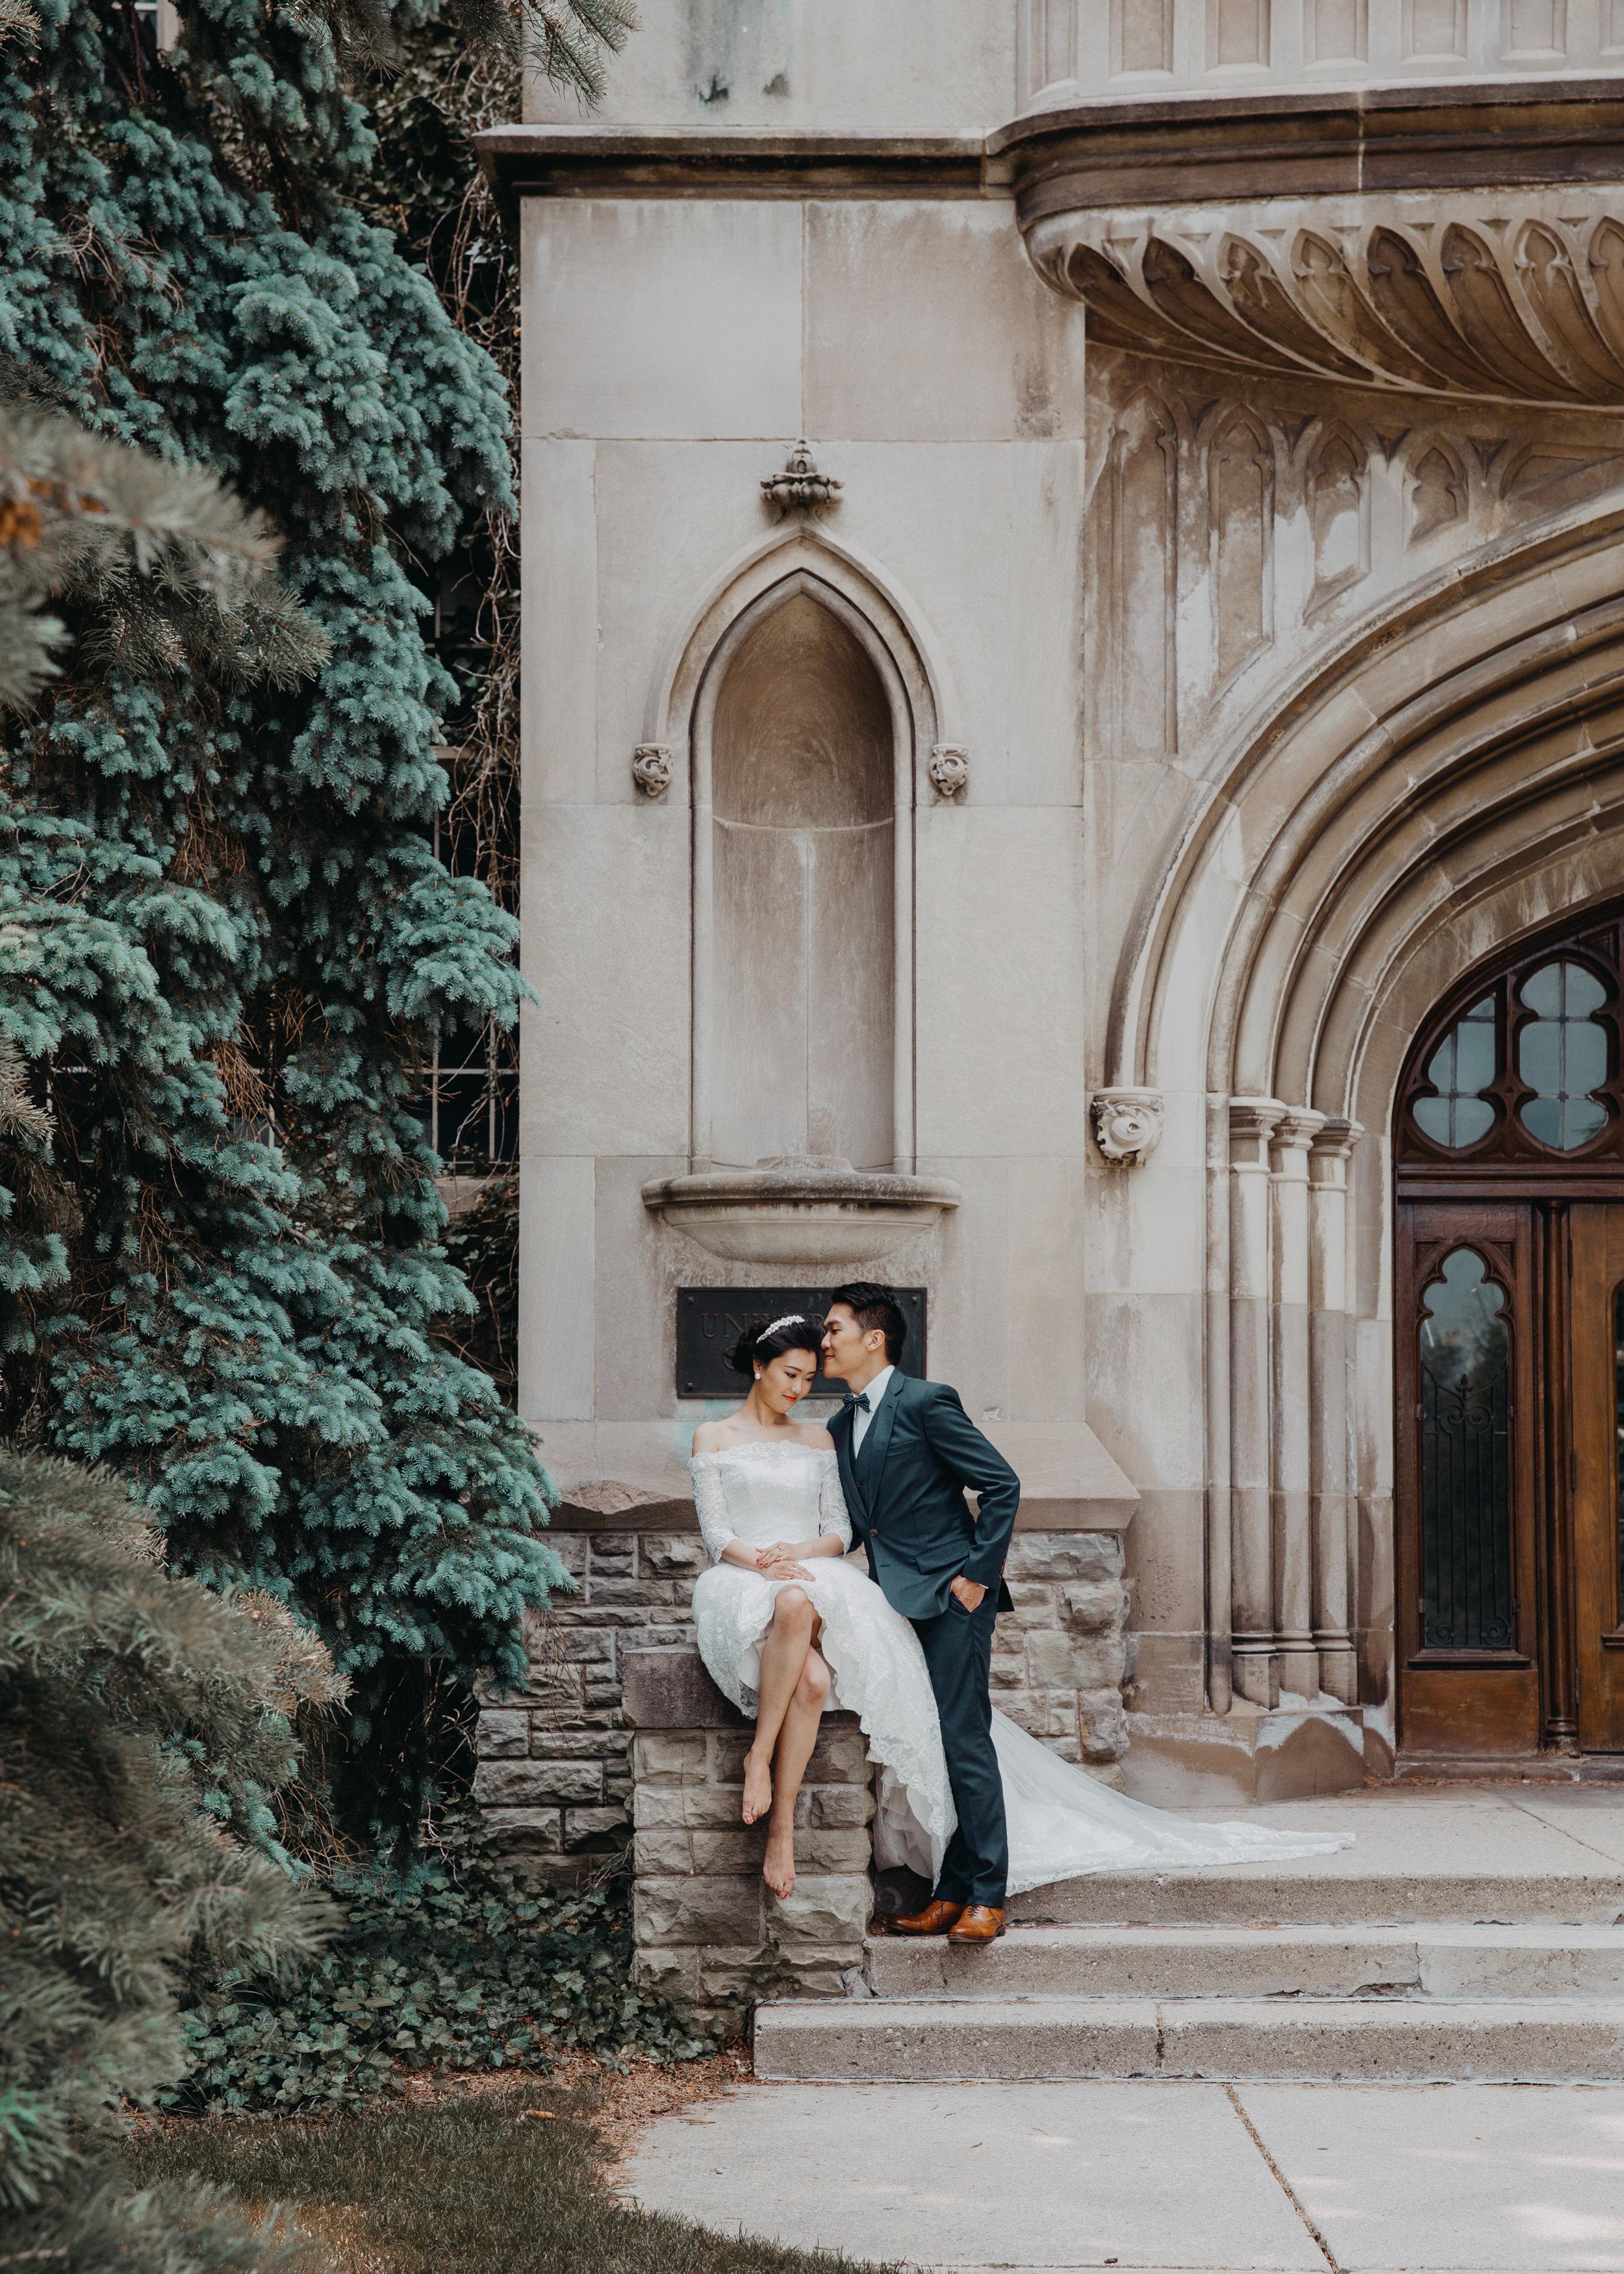 HARIKAPHOTO_WeddingPhotography-85.jpg